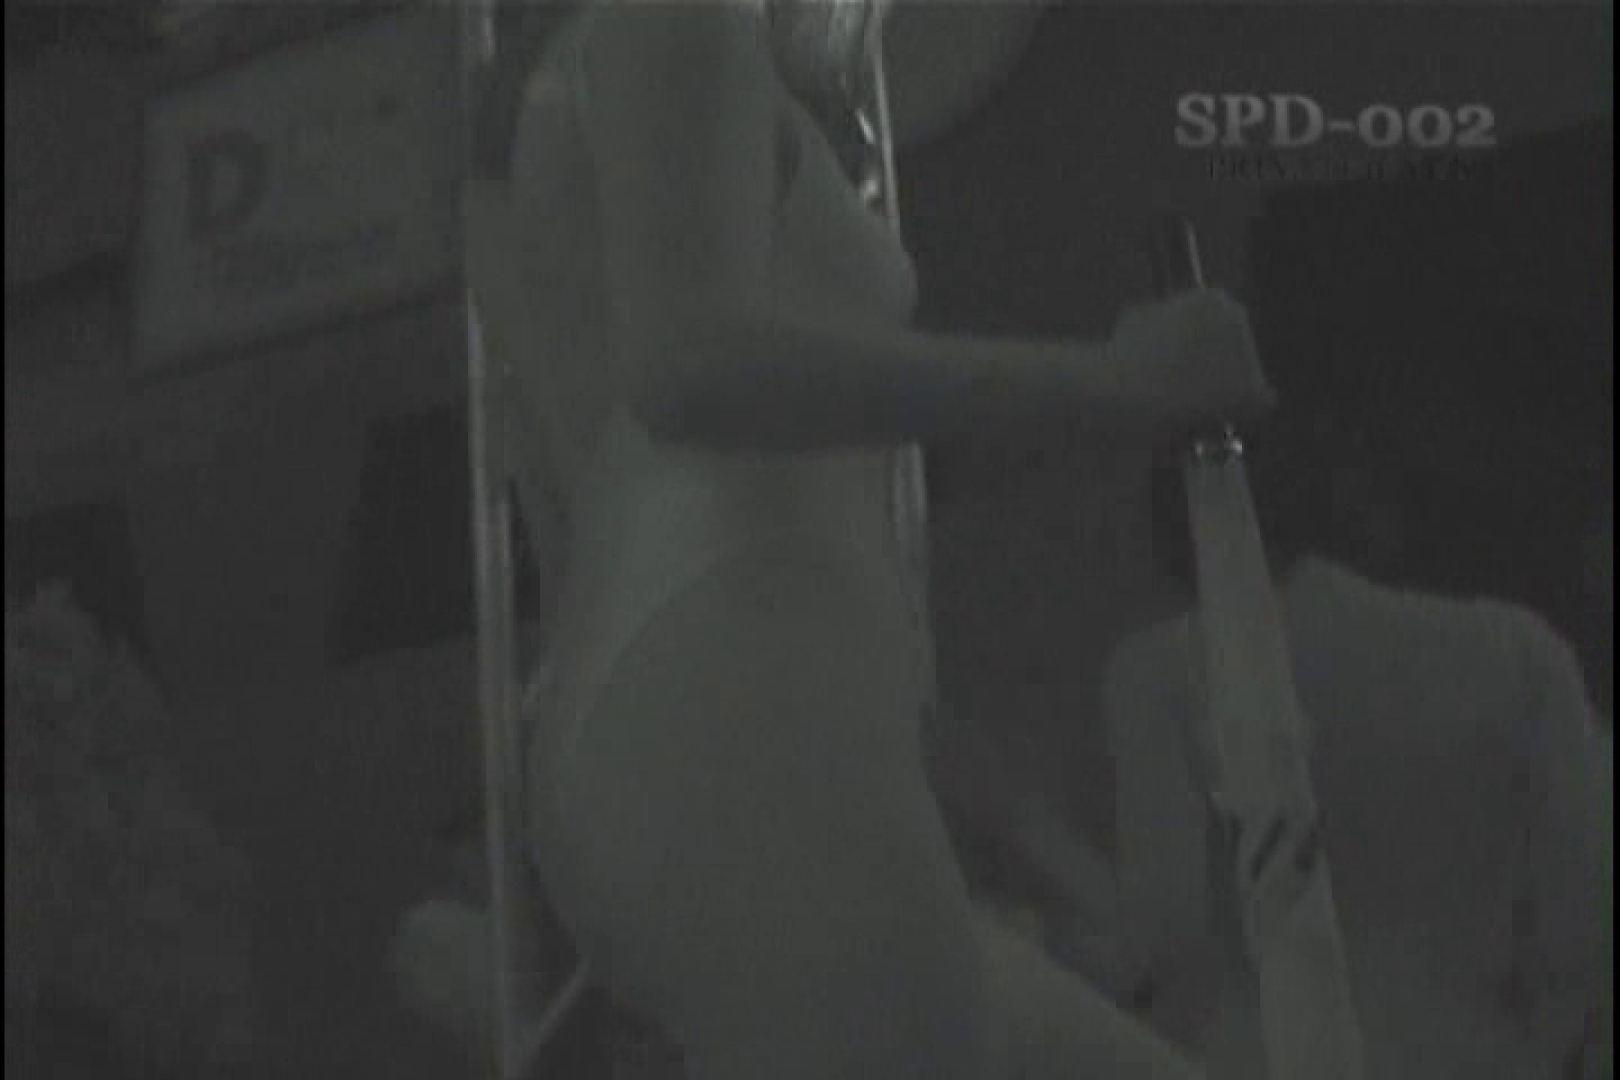 高画質版!SPD-002 レースクイーン 赤外線&盗撮 レースクイーン 濡れ場動画紹介 85PIX 13